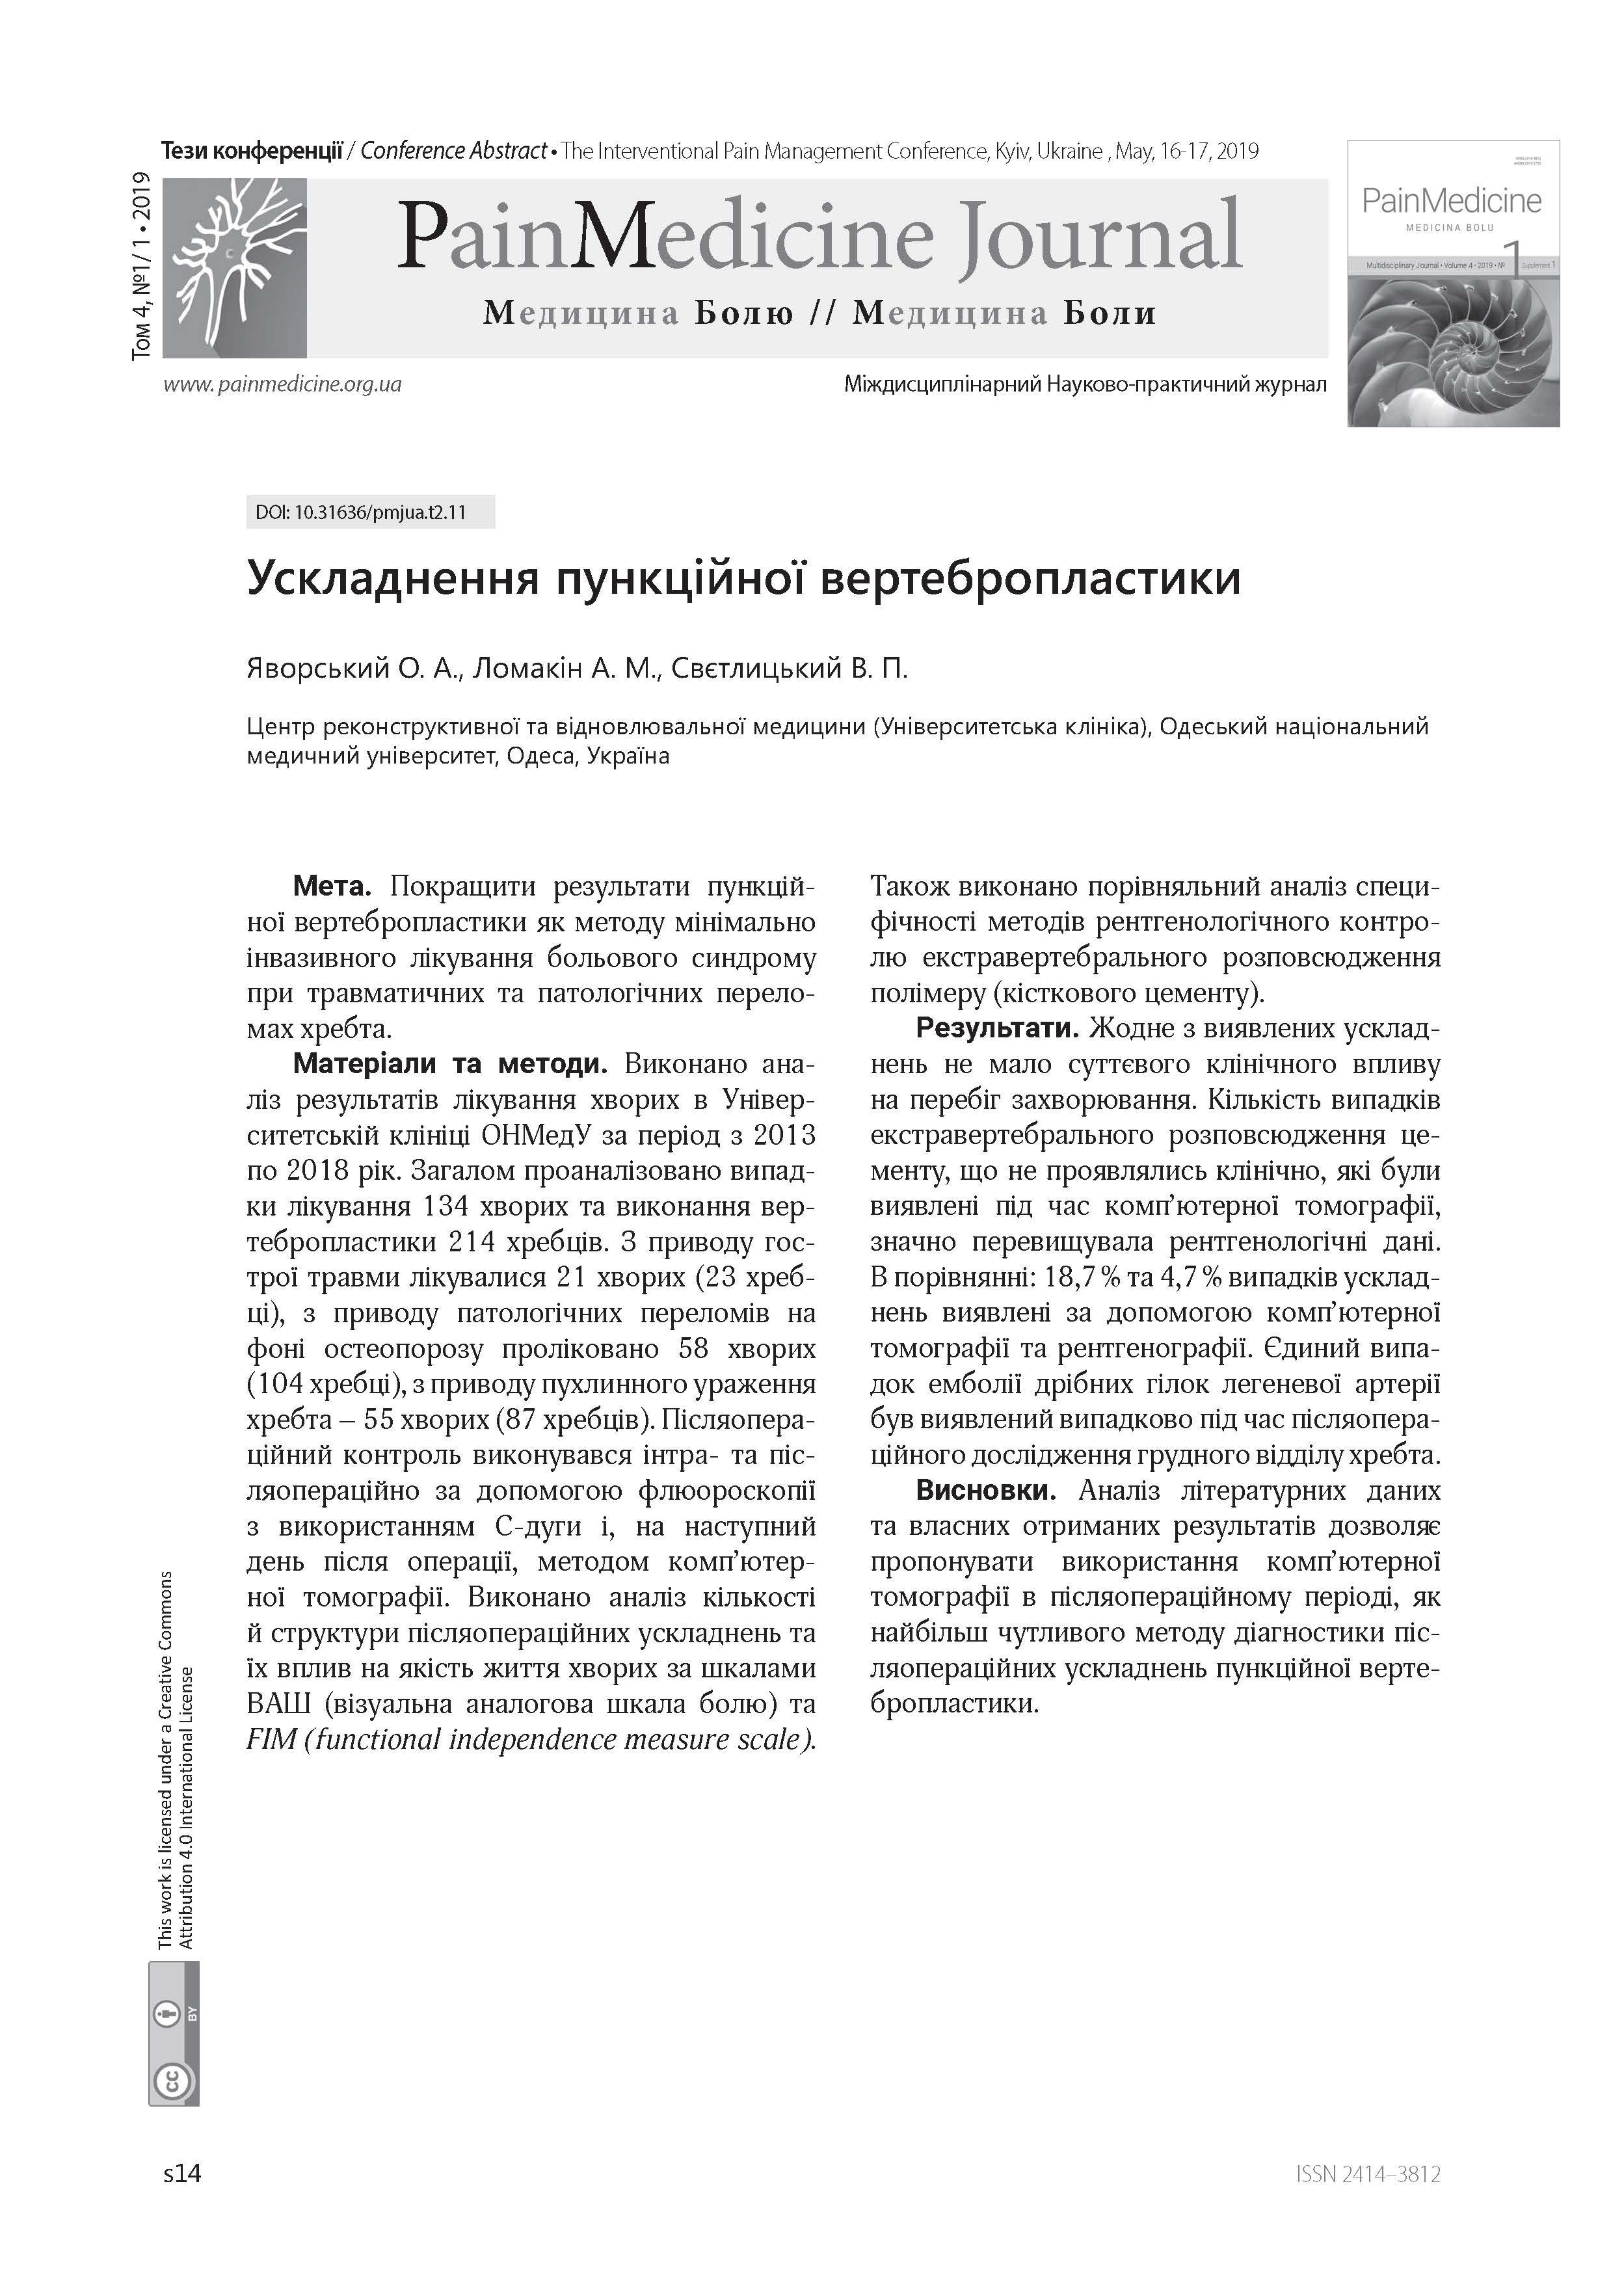 Ускладнення пункційної вертебропластики